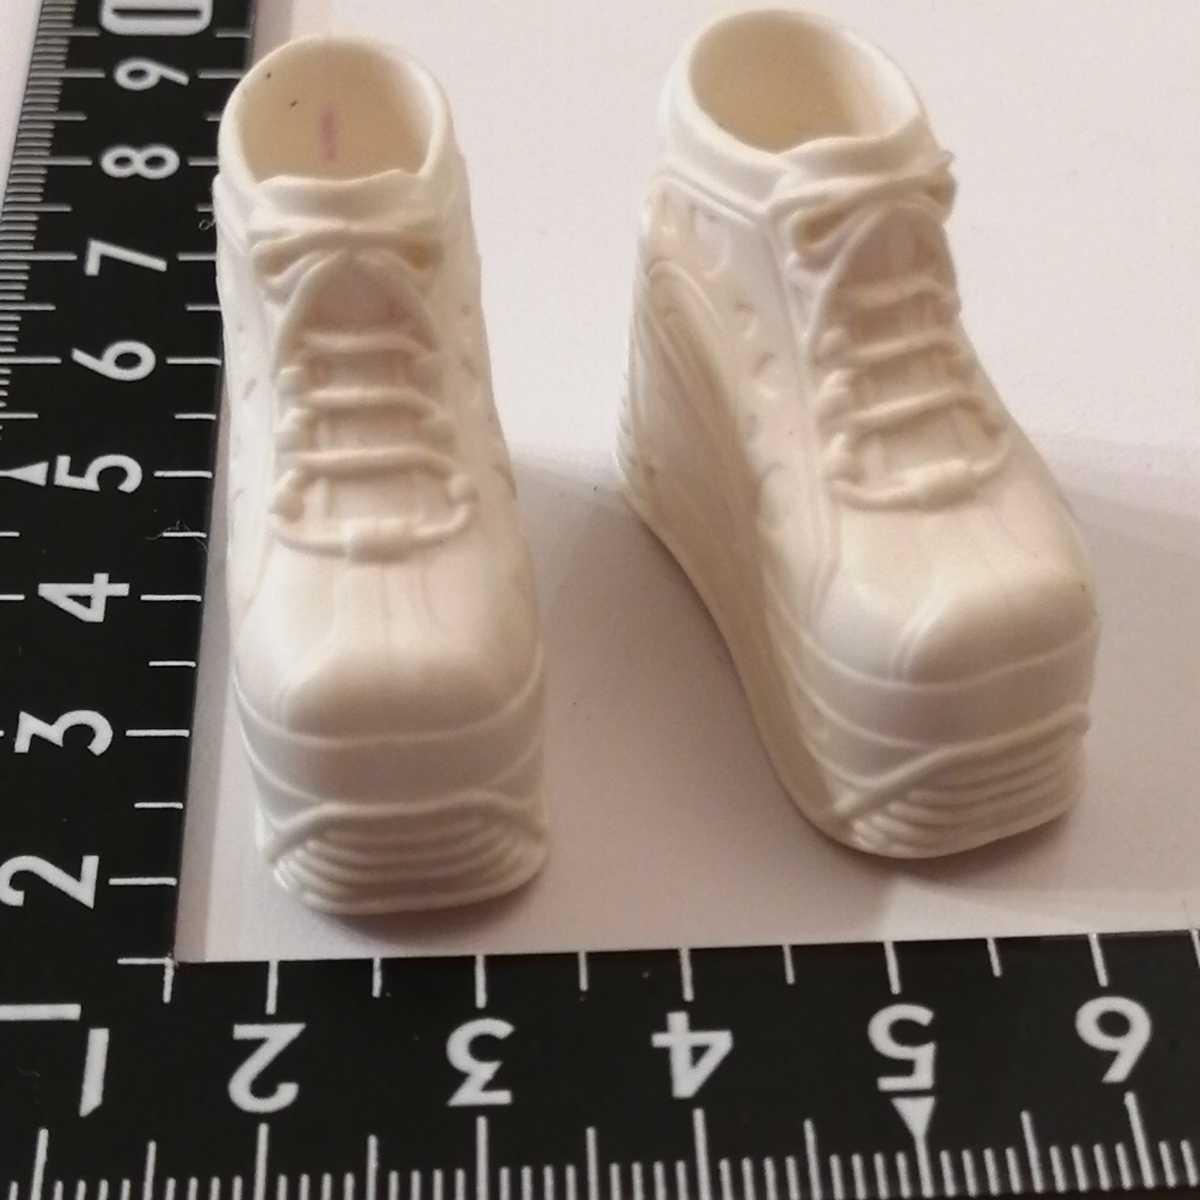 人形用 白 ホワイト ハート 厚底 ブライス リカちゃん ピュアニーモ スニーカー momokodoll着用可能 靴 シューズ 1/6ドール 靴下ok_画像6